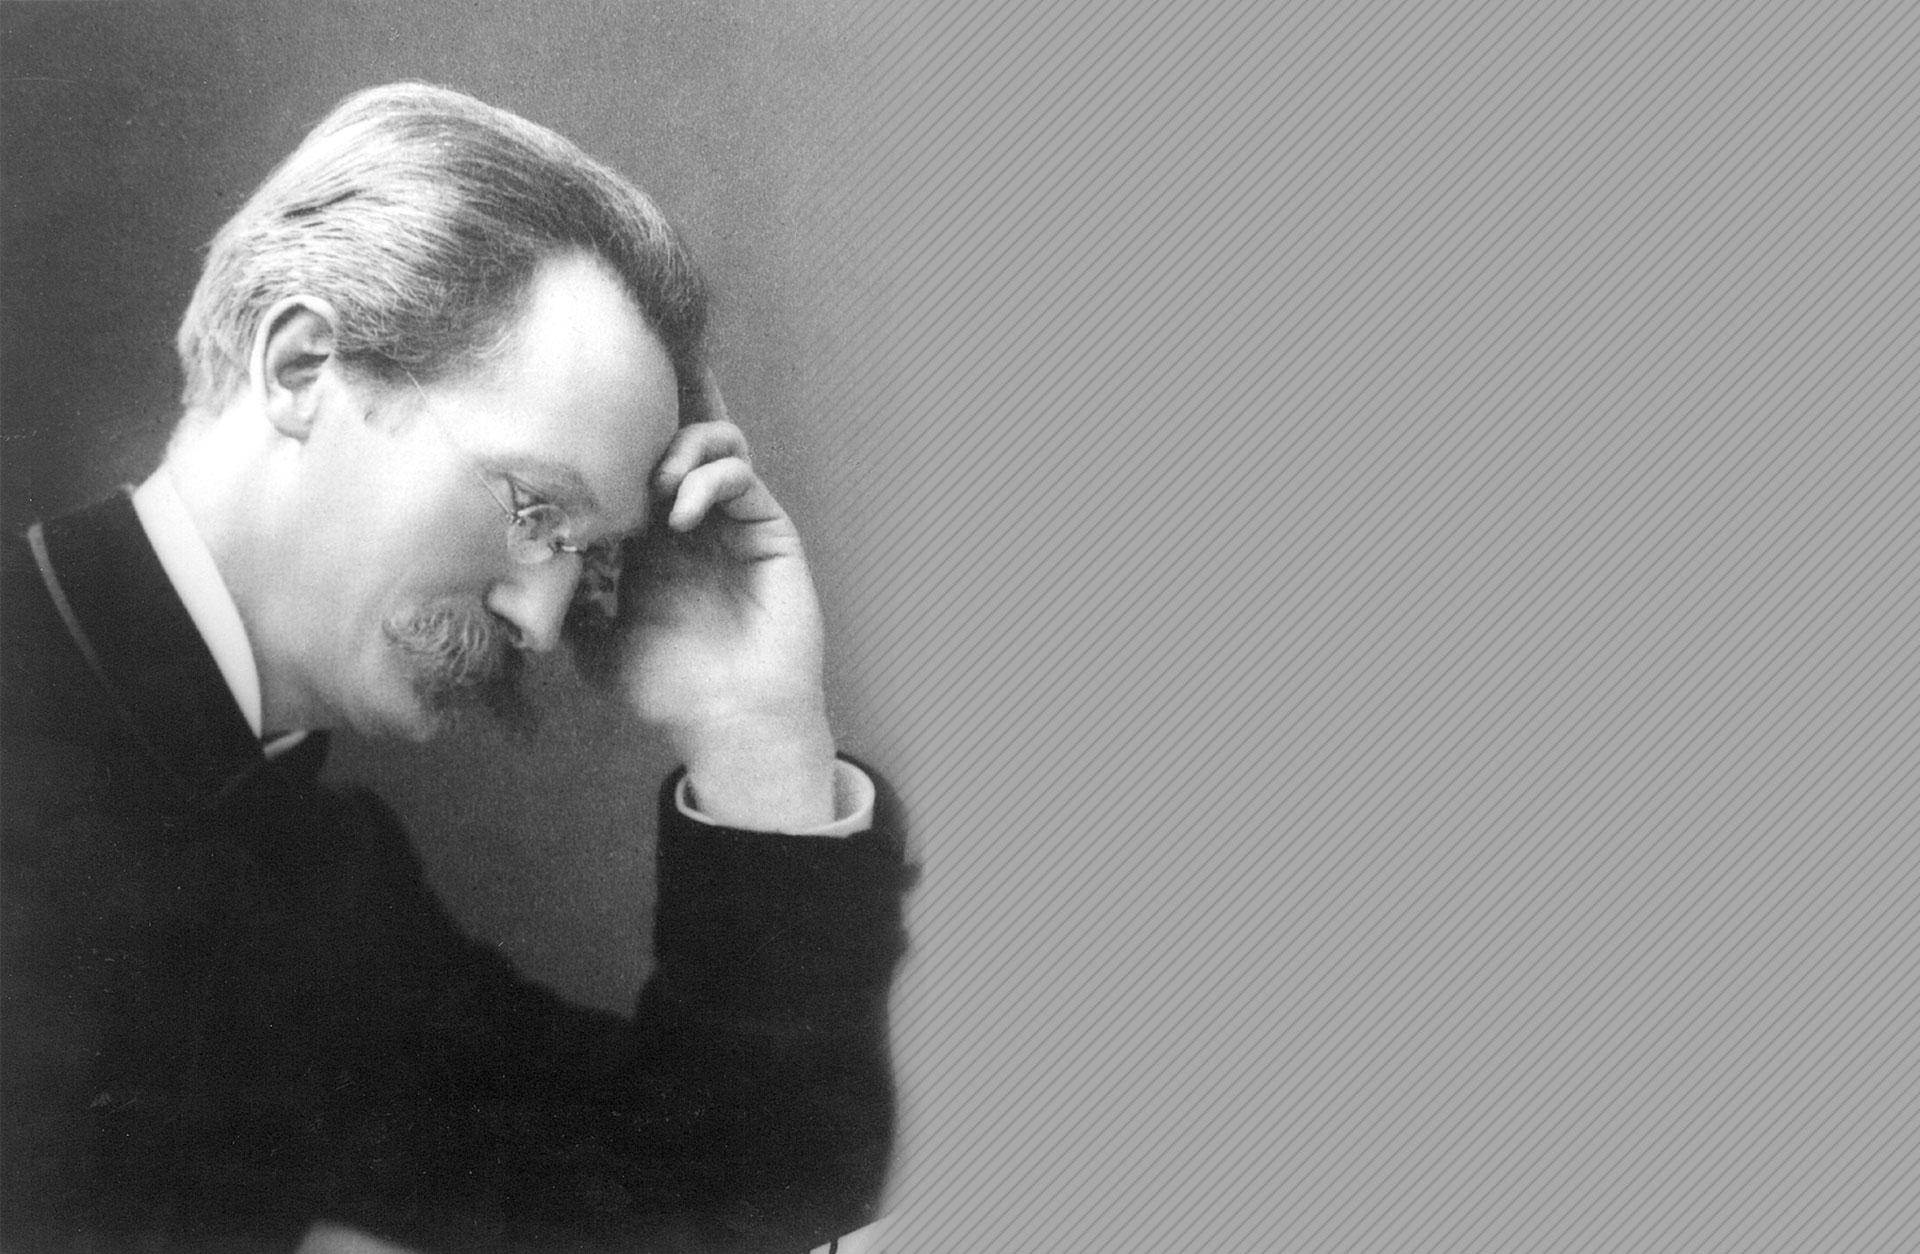 Heinrich Hammer sitter med huvudet lutat i handen.